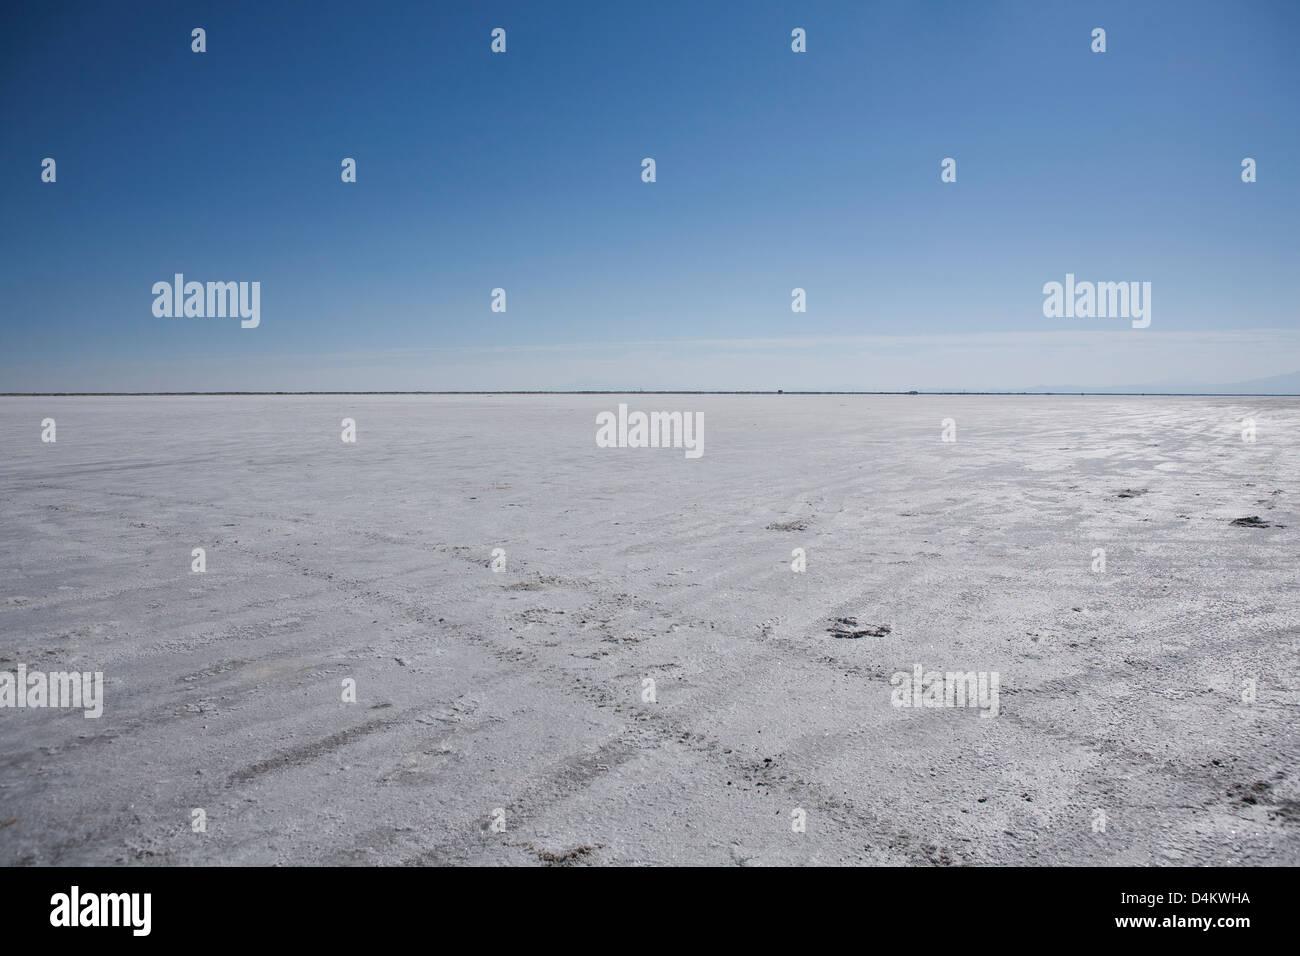 Tire tracks in desert landscape - Stock Image